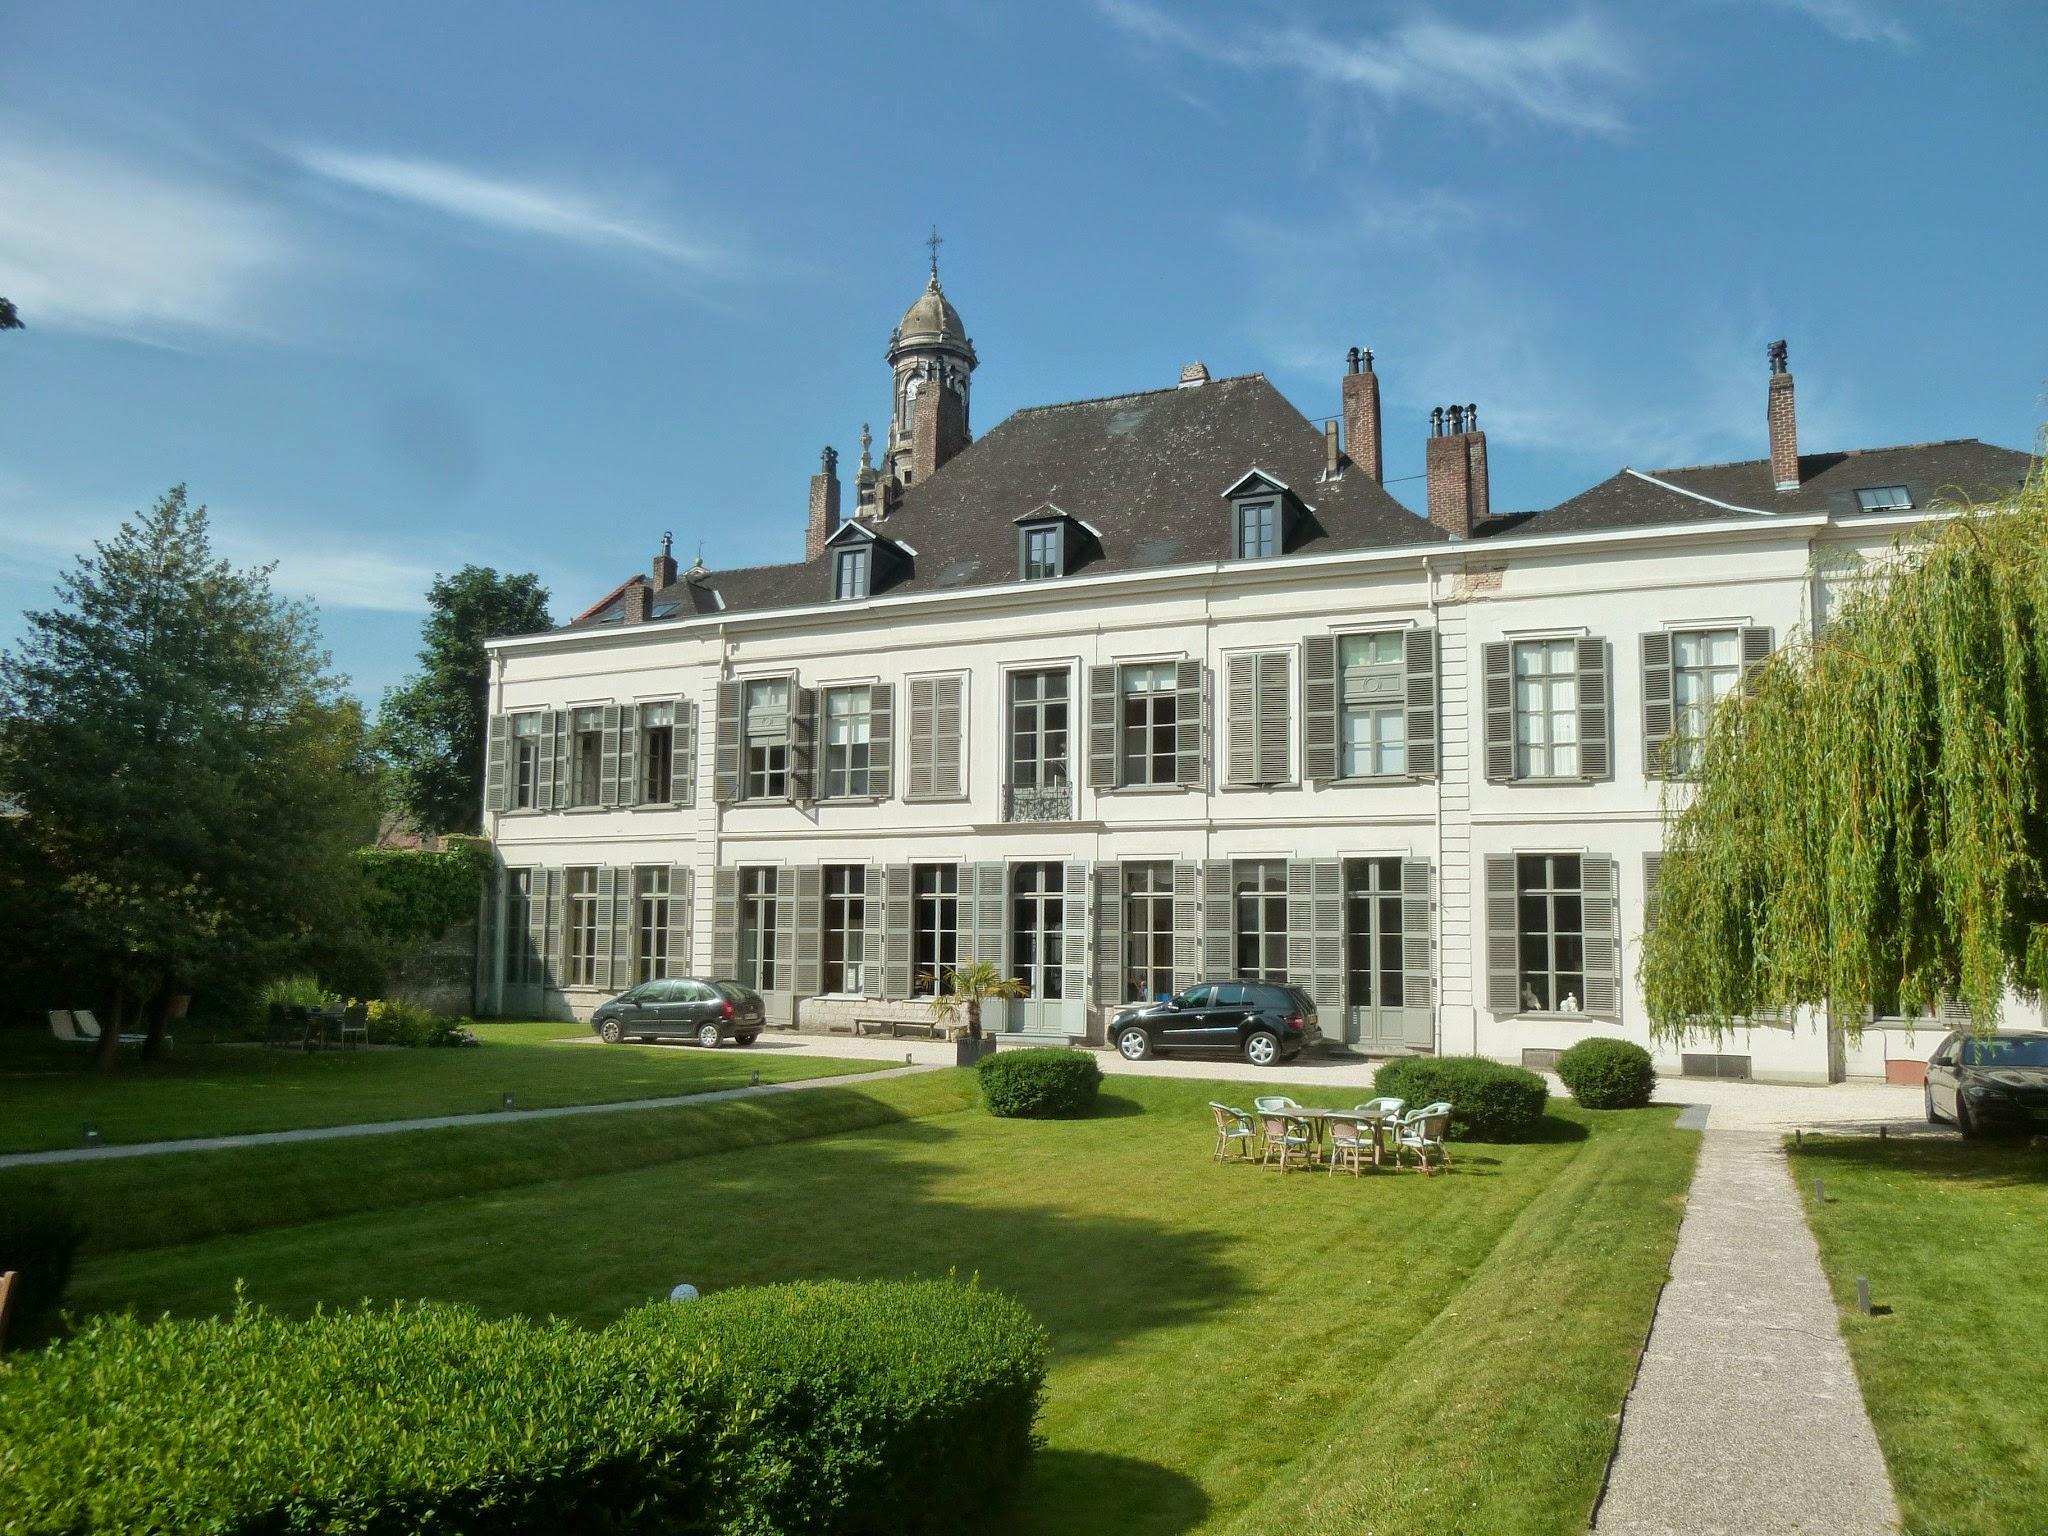 Hotel-Virnot-de-Lamissart-Prouvost-rue Royale Lille